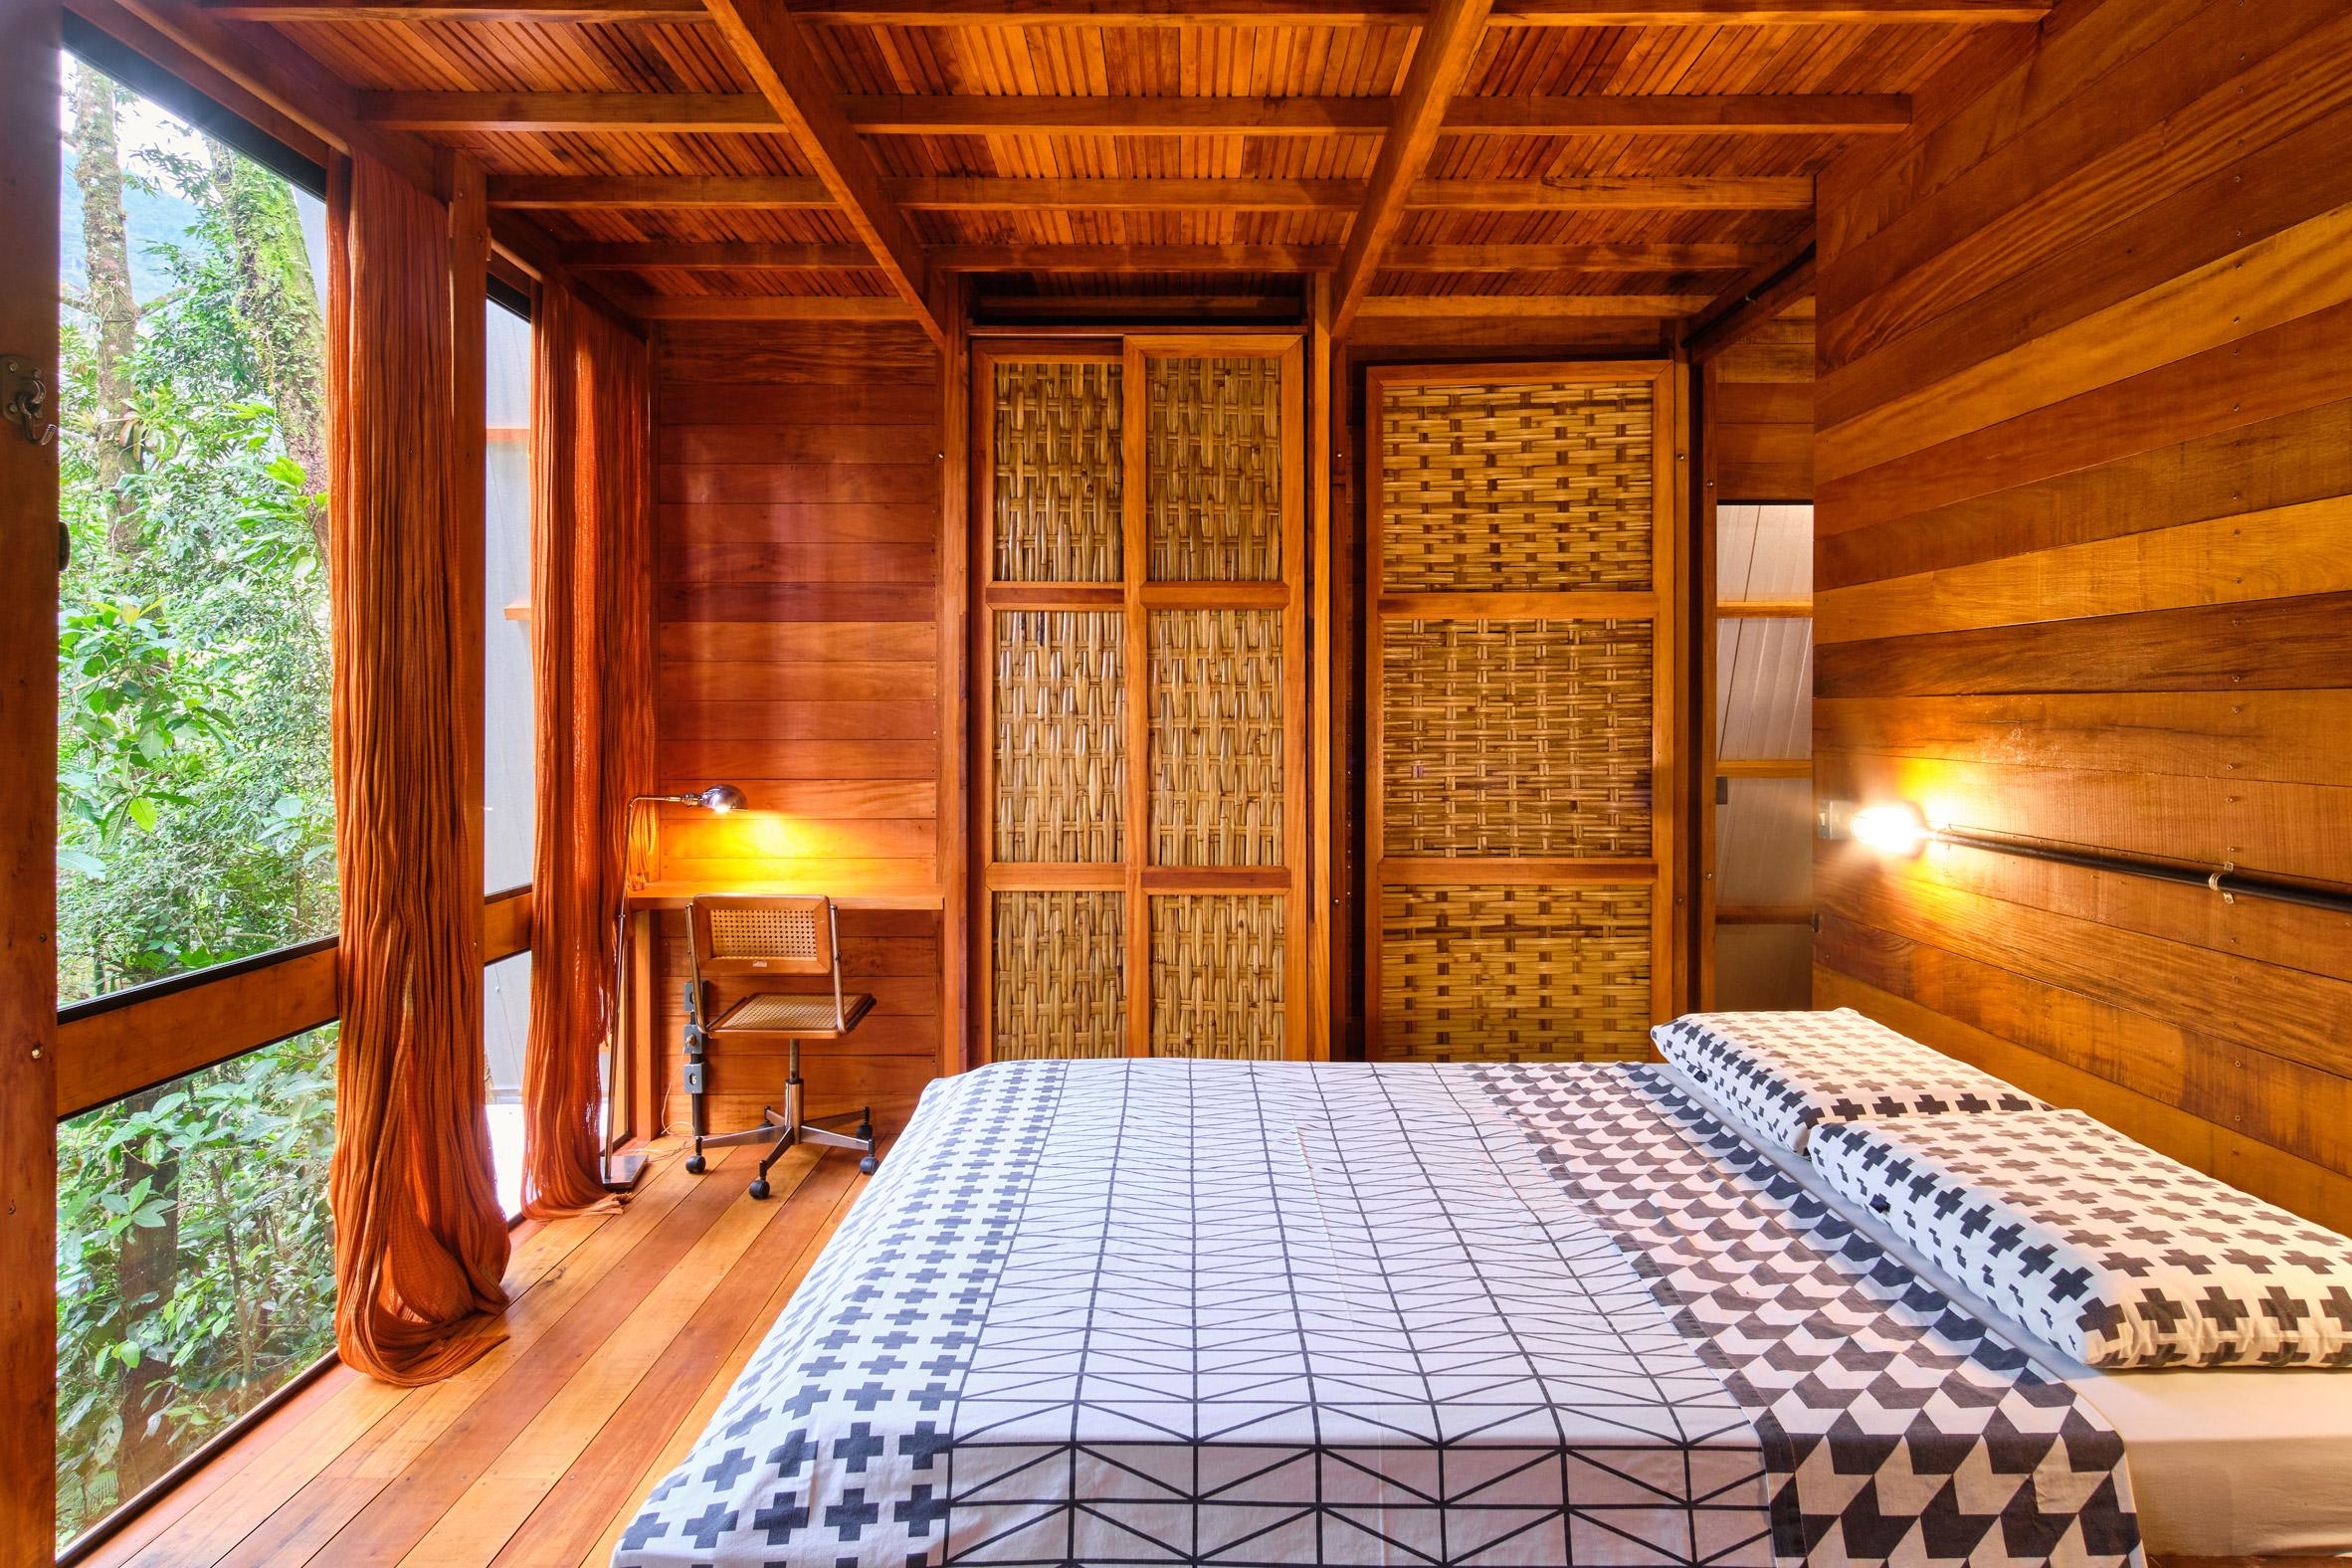 Bedroom of cabin on stilts in Brazil